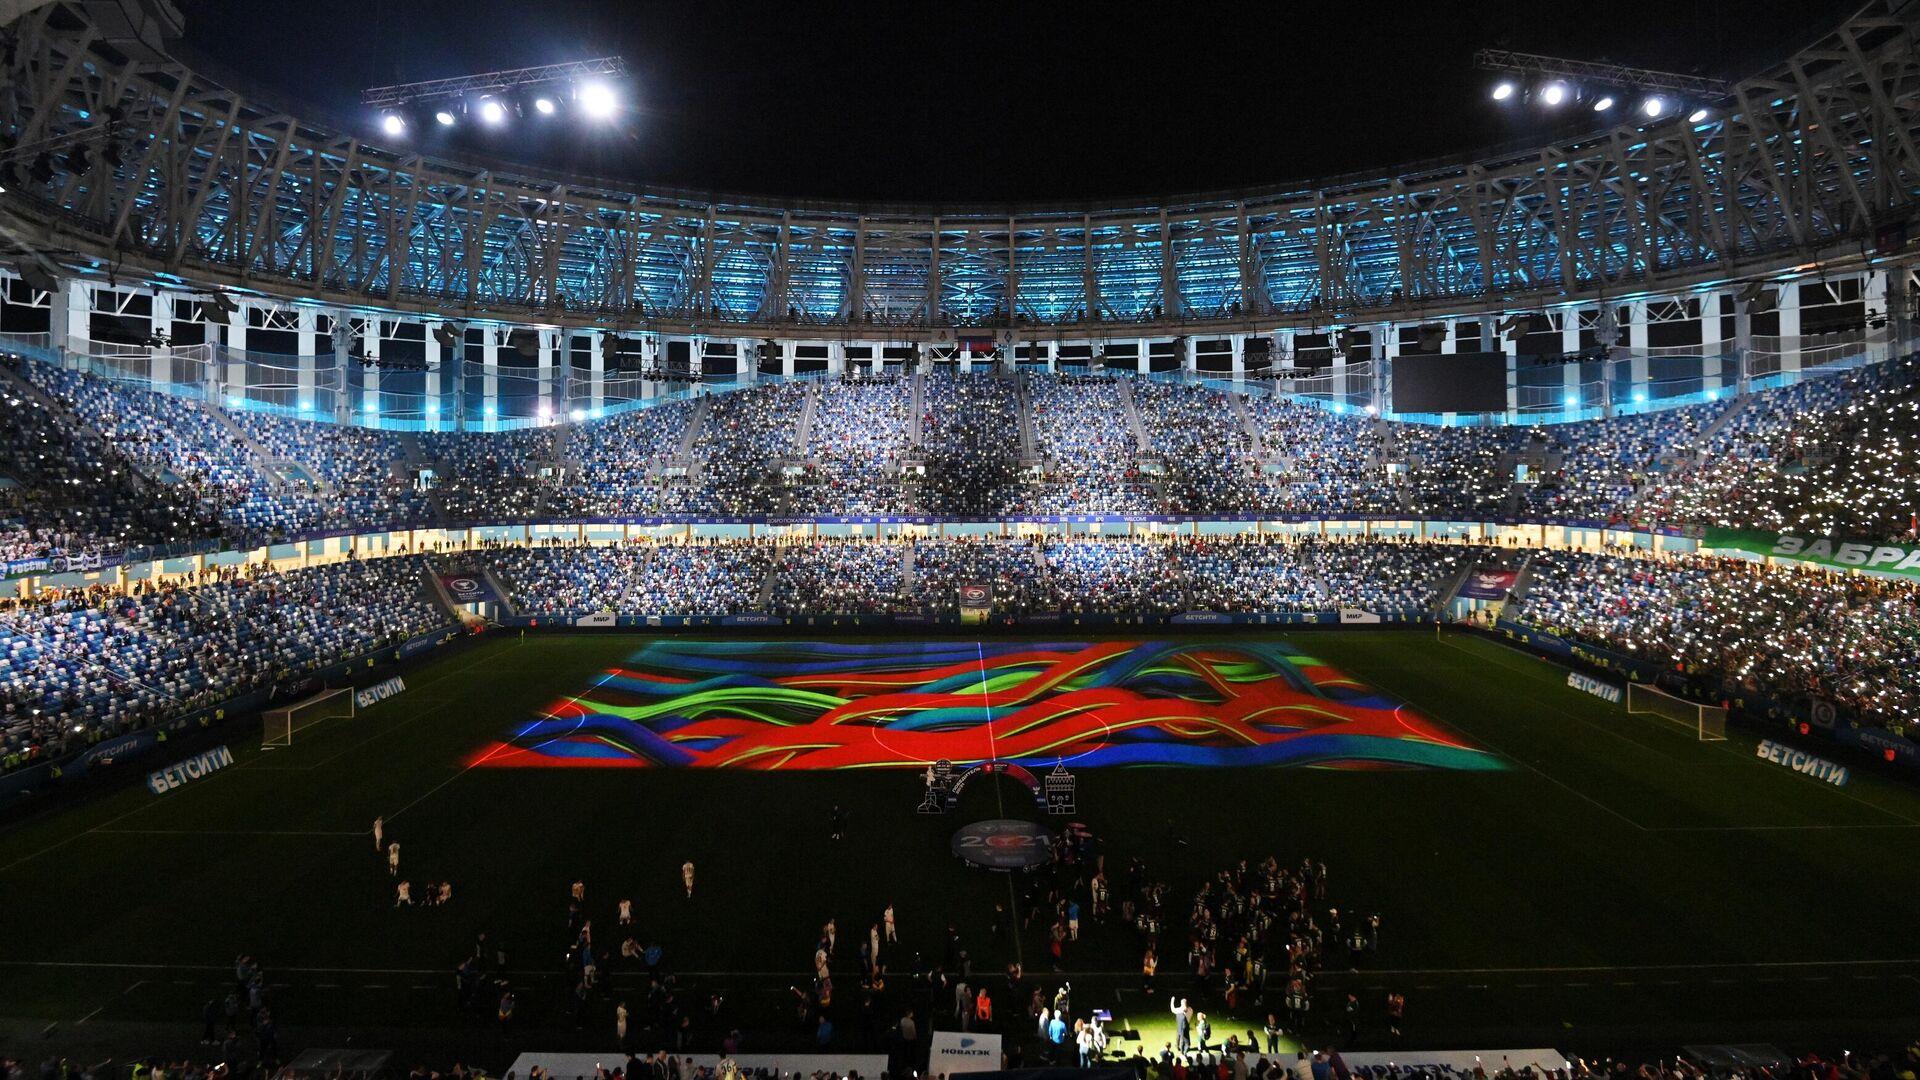 Церемония награждения победителей Кубка России по футболу - РИА Новости, 1920, 14.05.2021